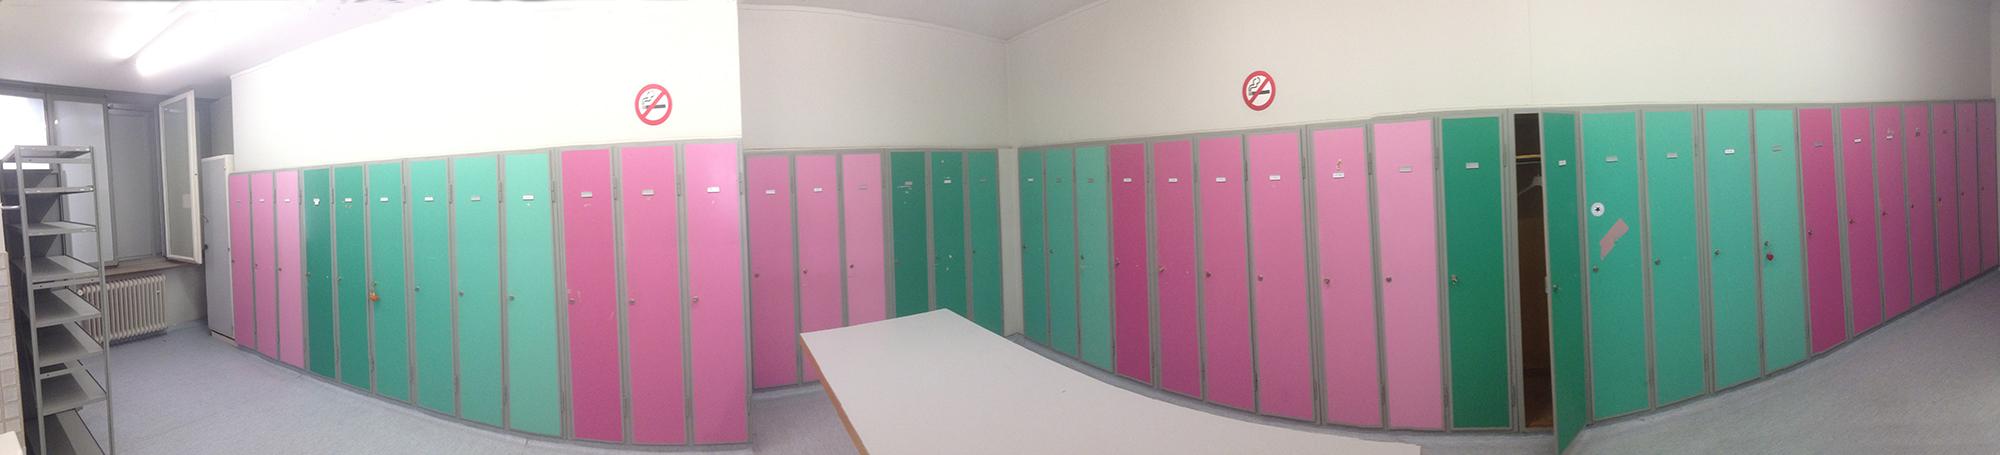 b-yoga-basel-lockers-found.jpg